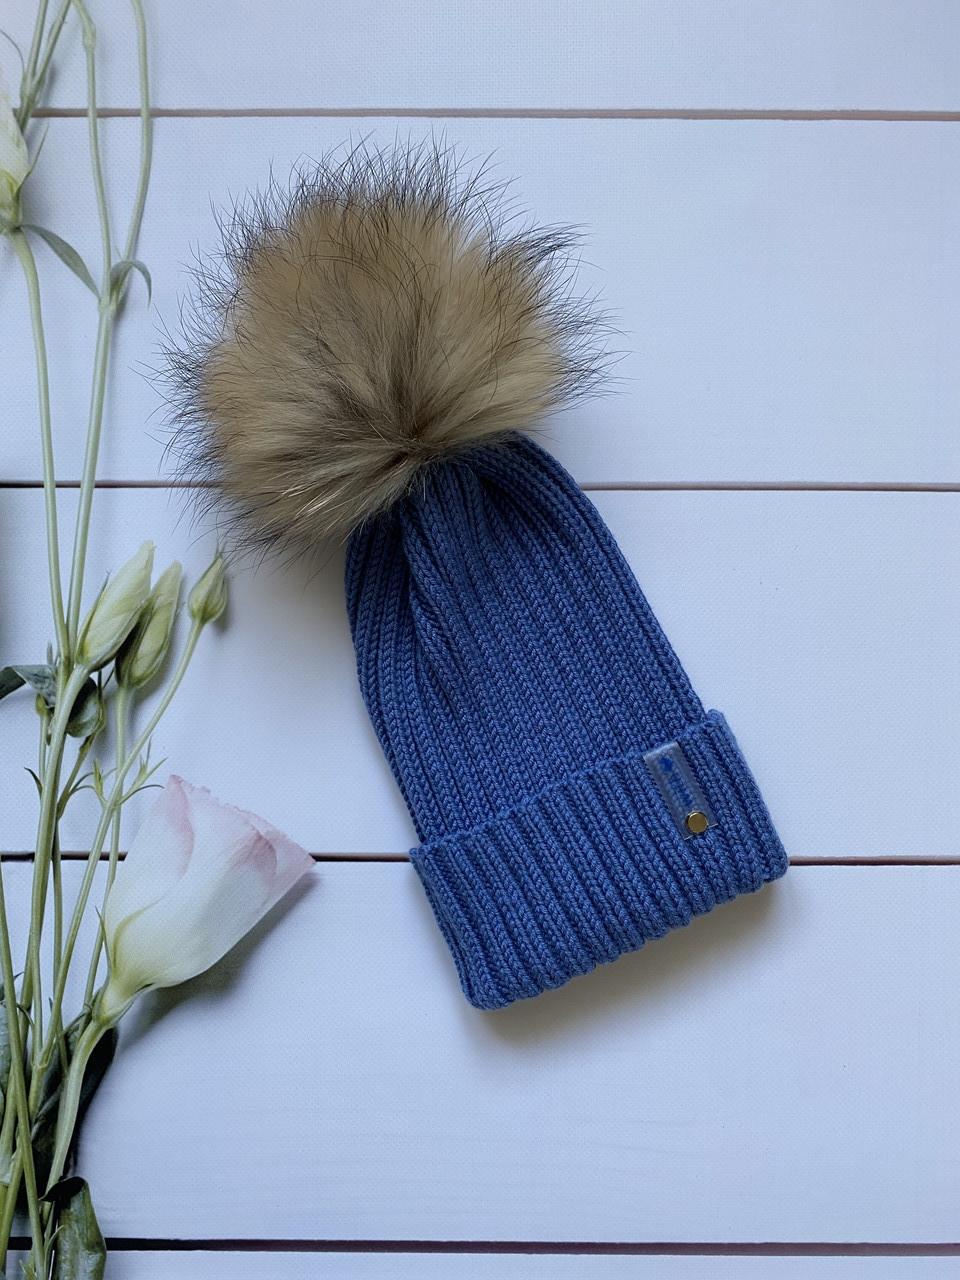 Демісезонна зимова дитяча і підліткова в'язана шапка з 100% мериноса для хлопчика і дівчинки ручної роботи